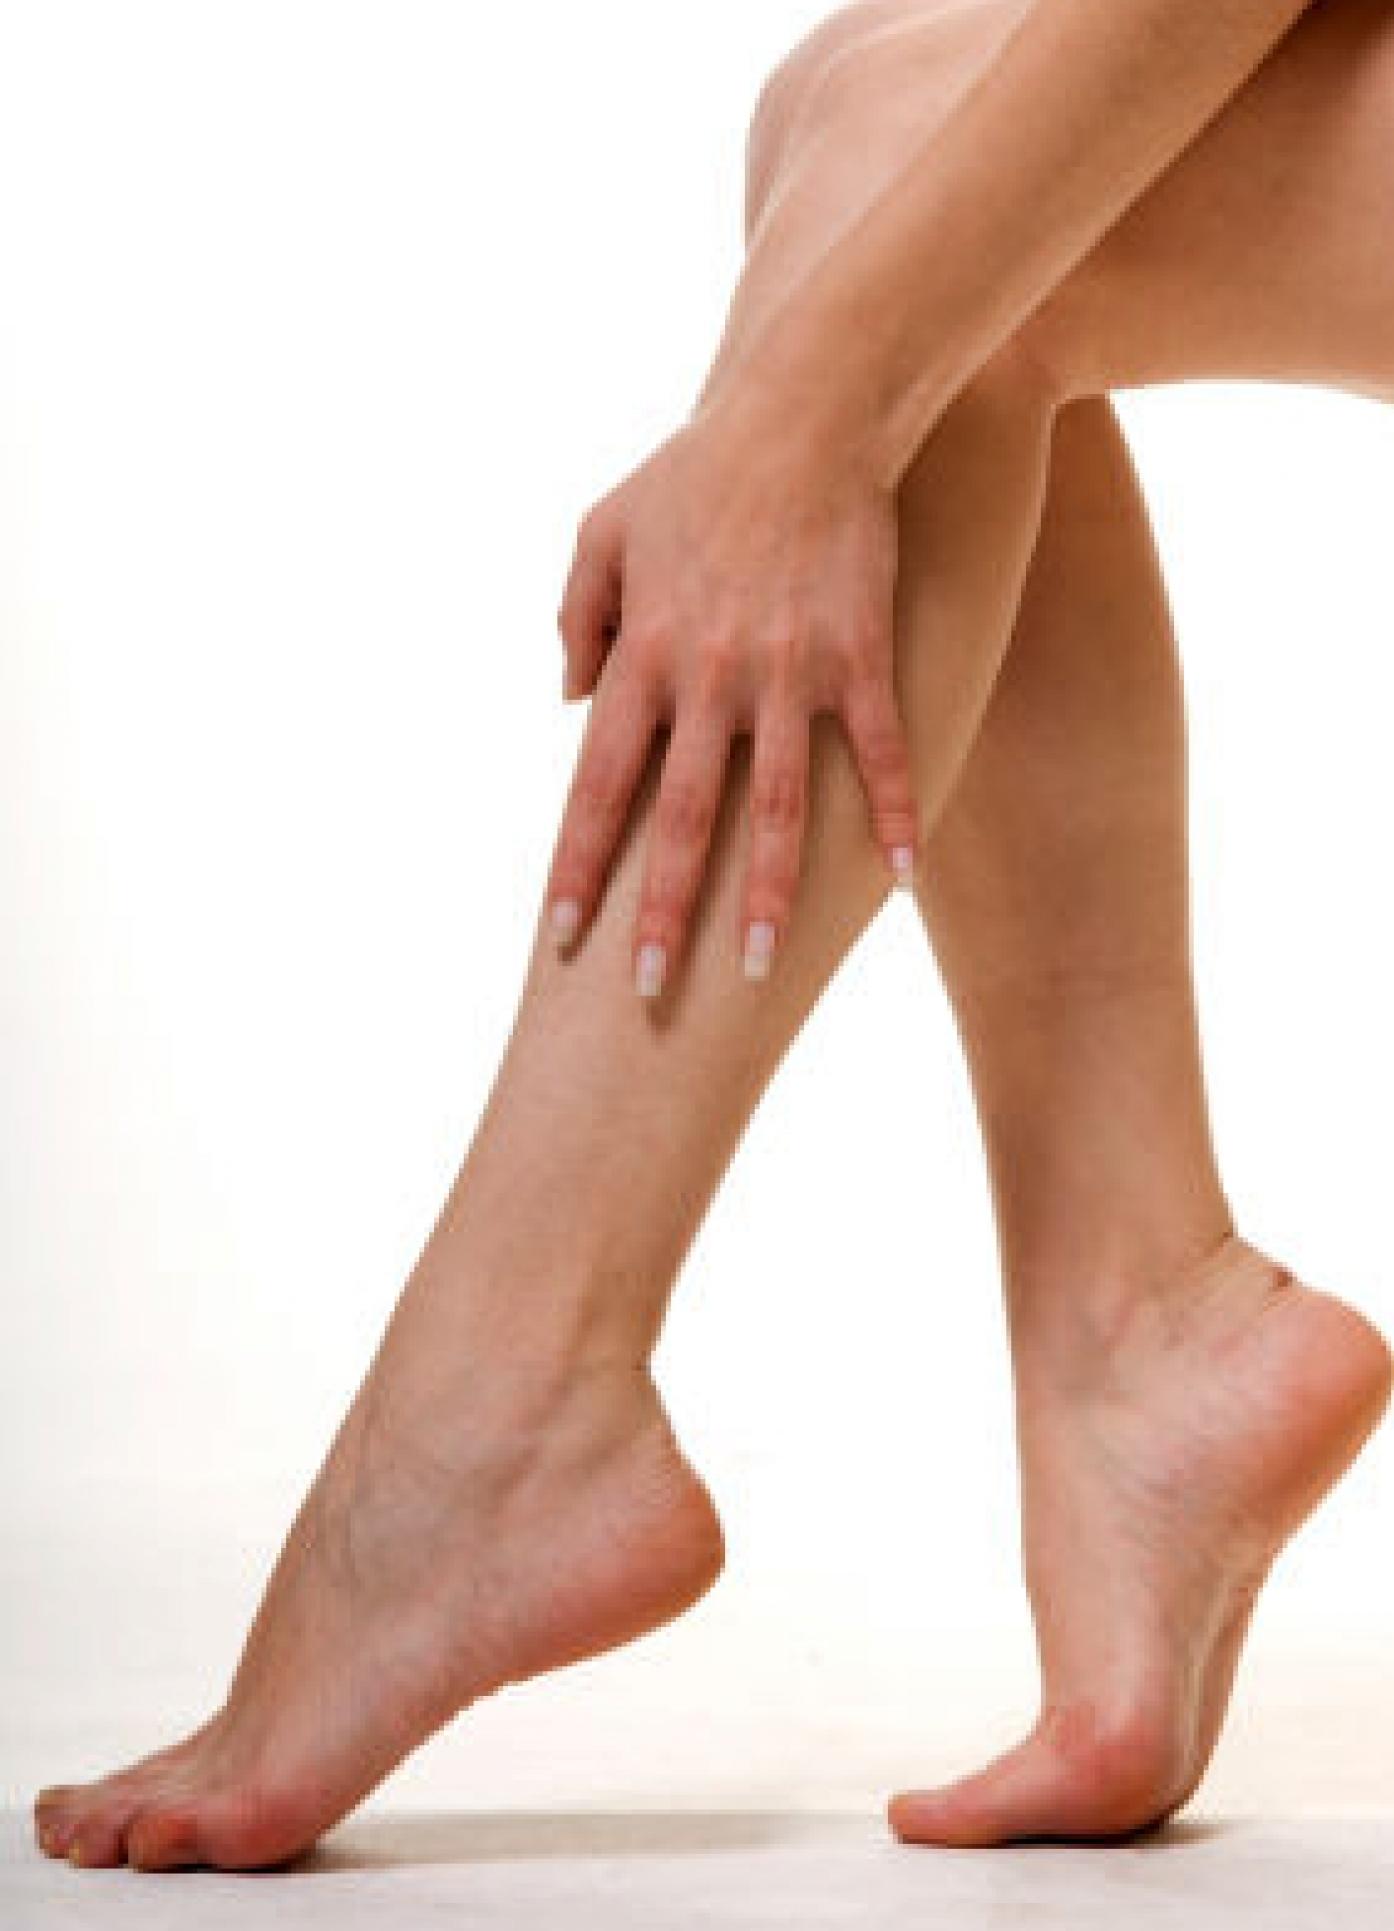 Мучает варикоз вен на ногах? Лечение народными средствами в 71